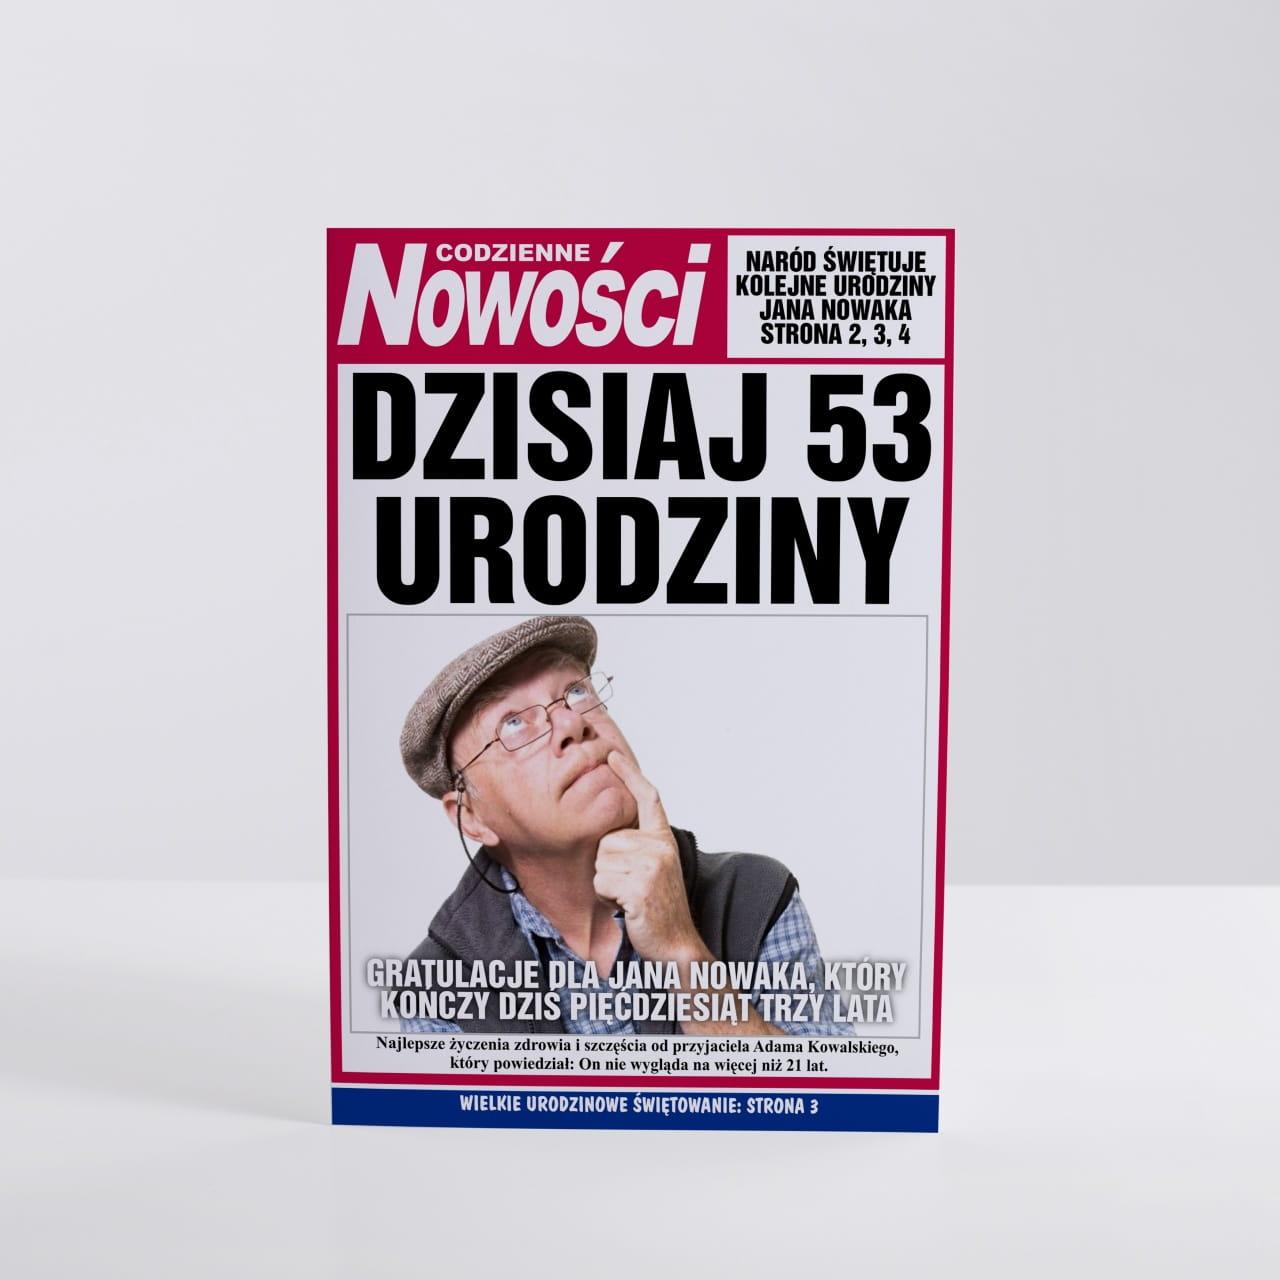 ba8819450ffe96 https://www.crazyshop.pl/prezenty-dla-par,1546 2019-07-22 daily 1 ...